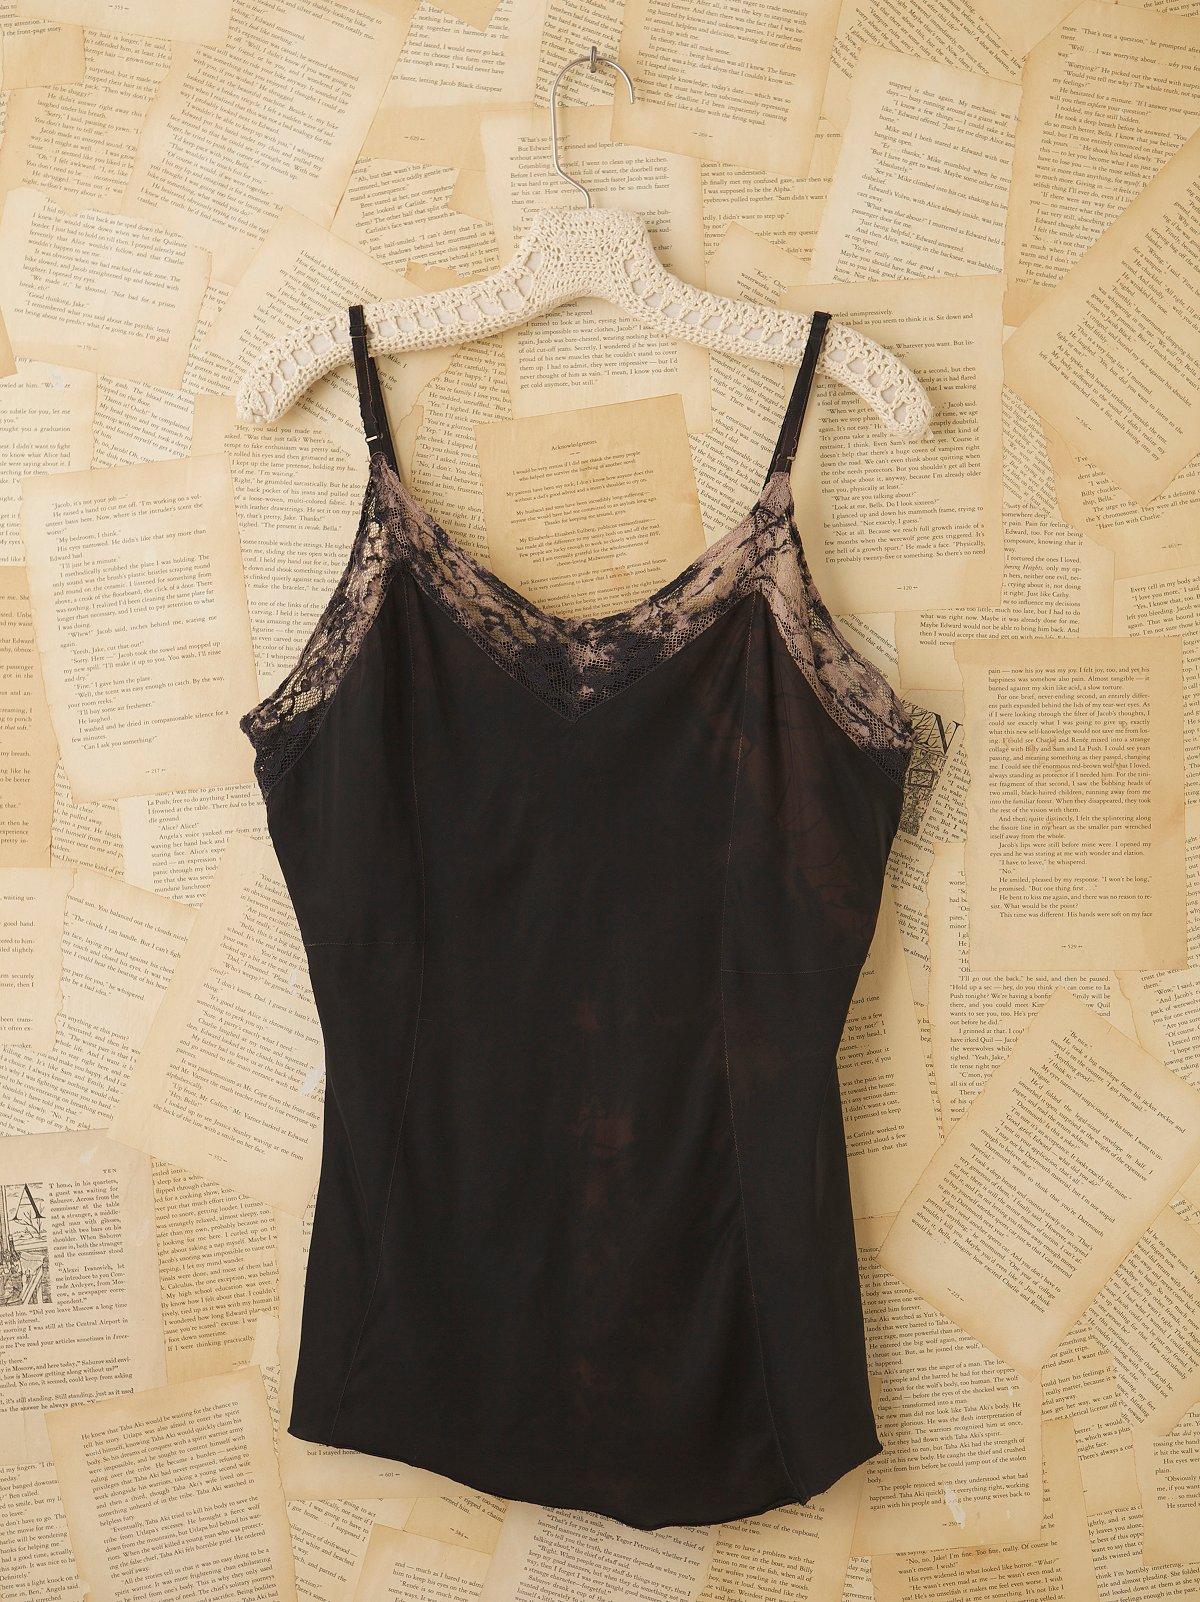 Vintage 1920s Blouse